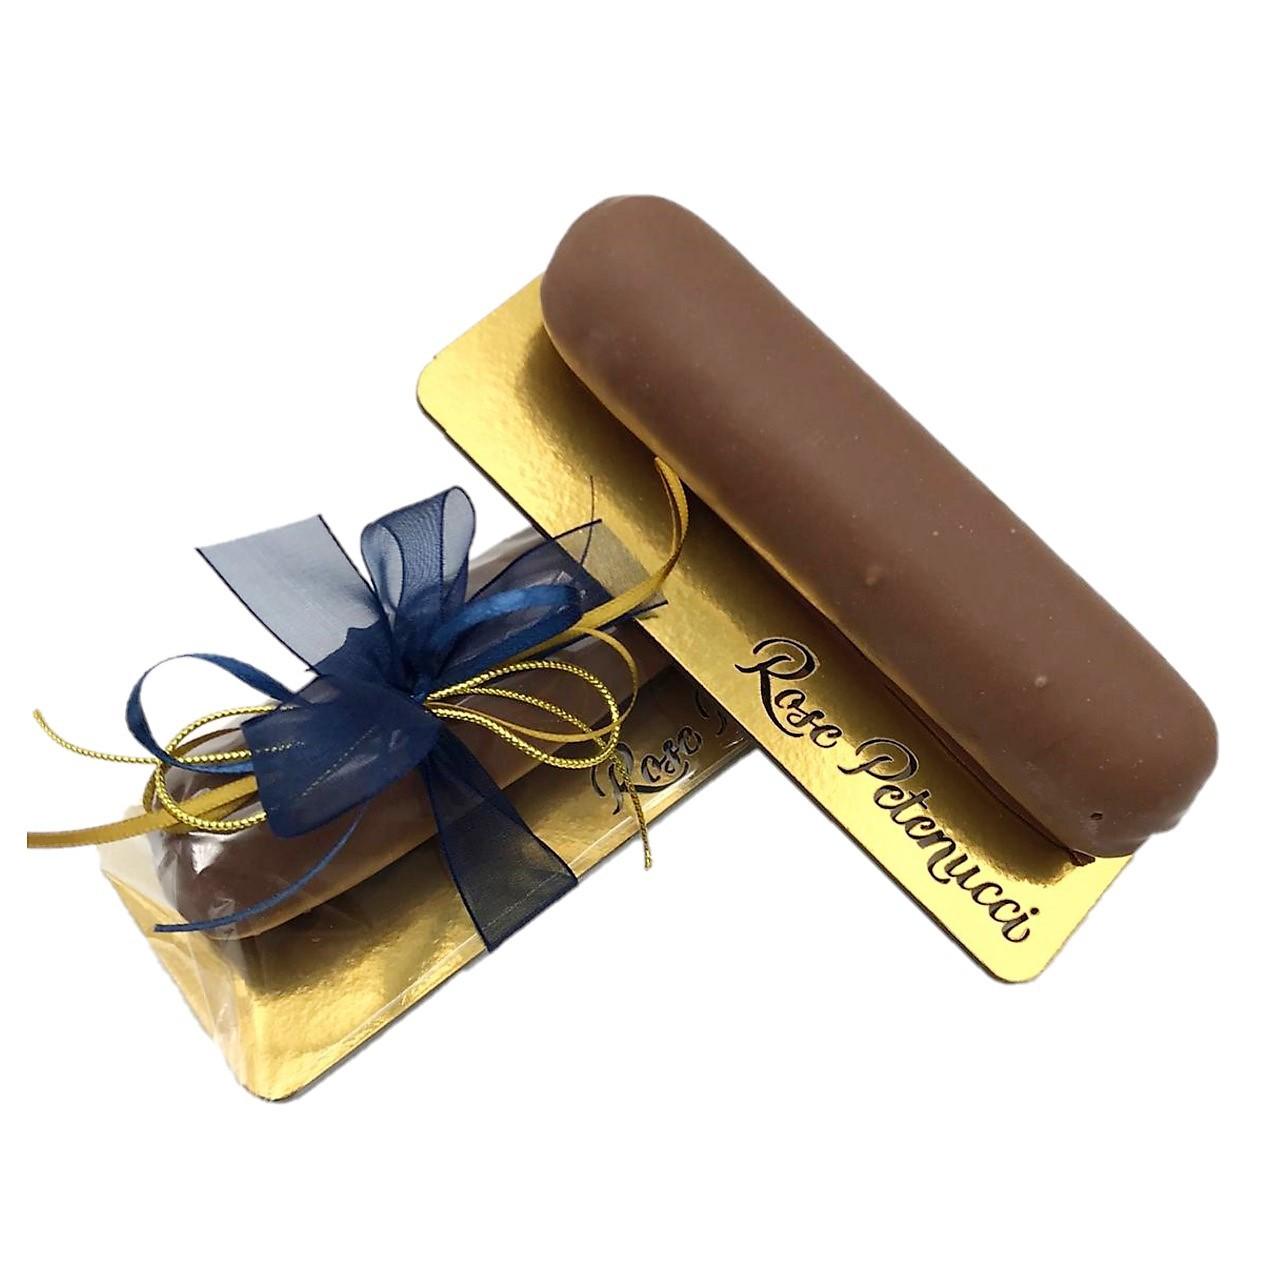 Salame de Chocolate ao Leite com Frutas Secas e Castanhas